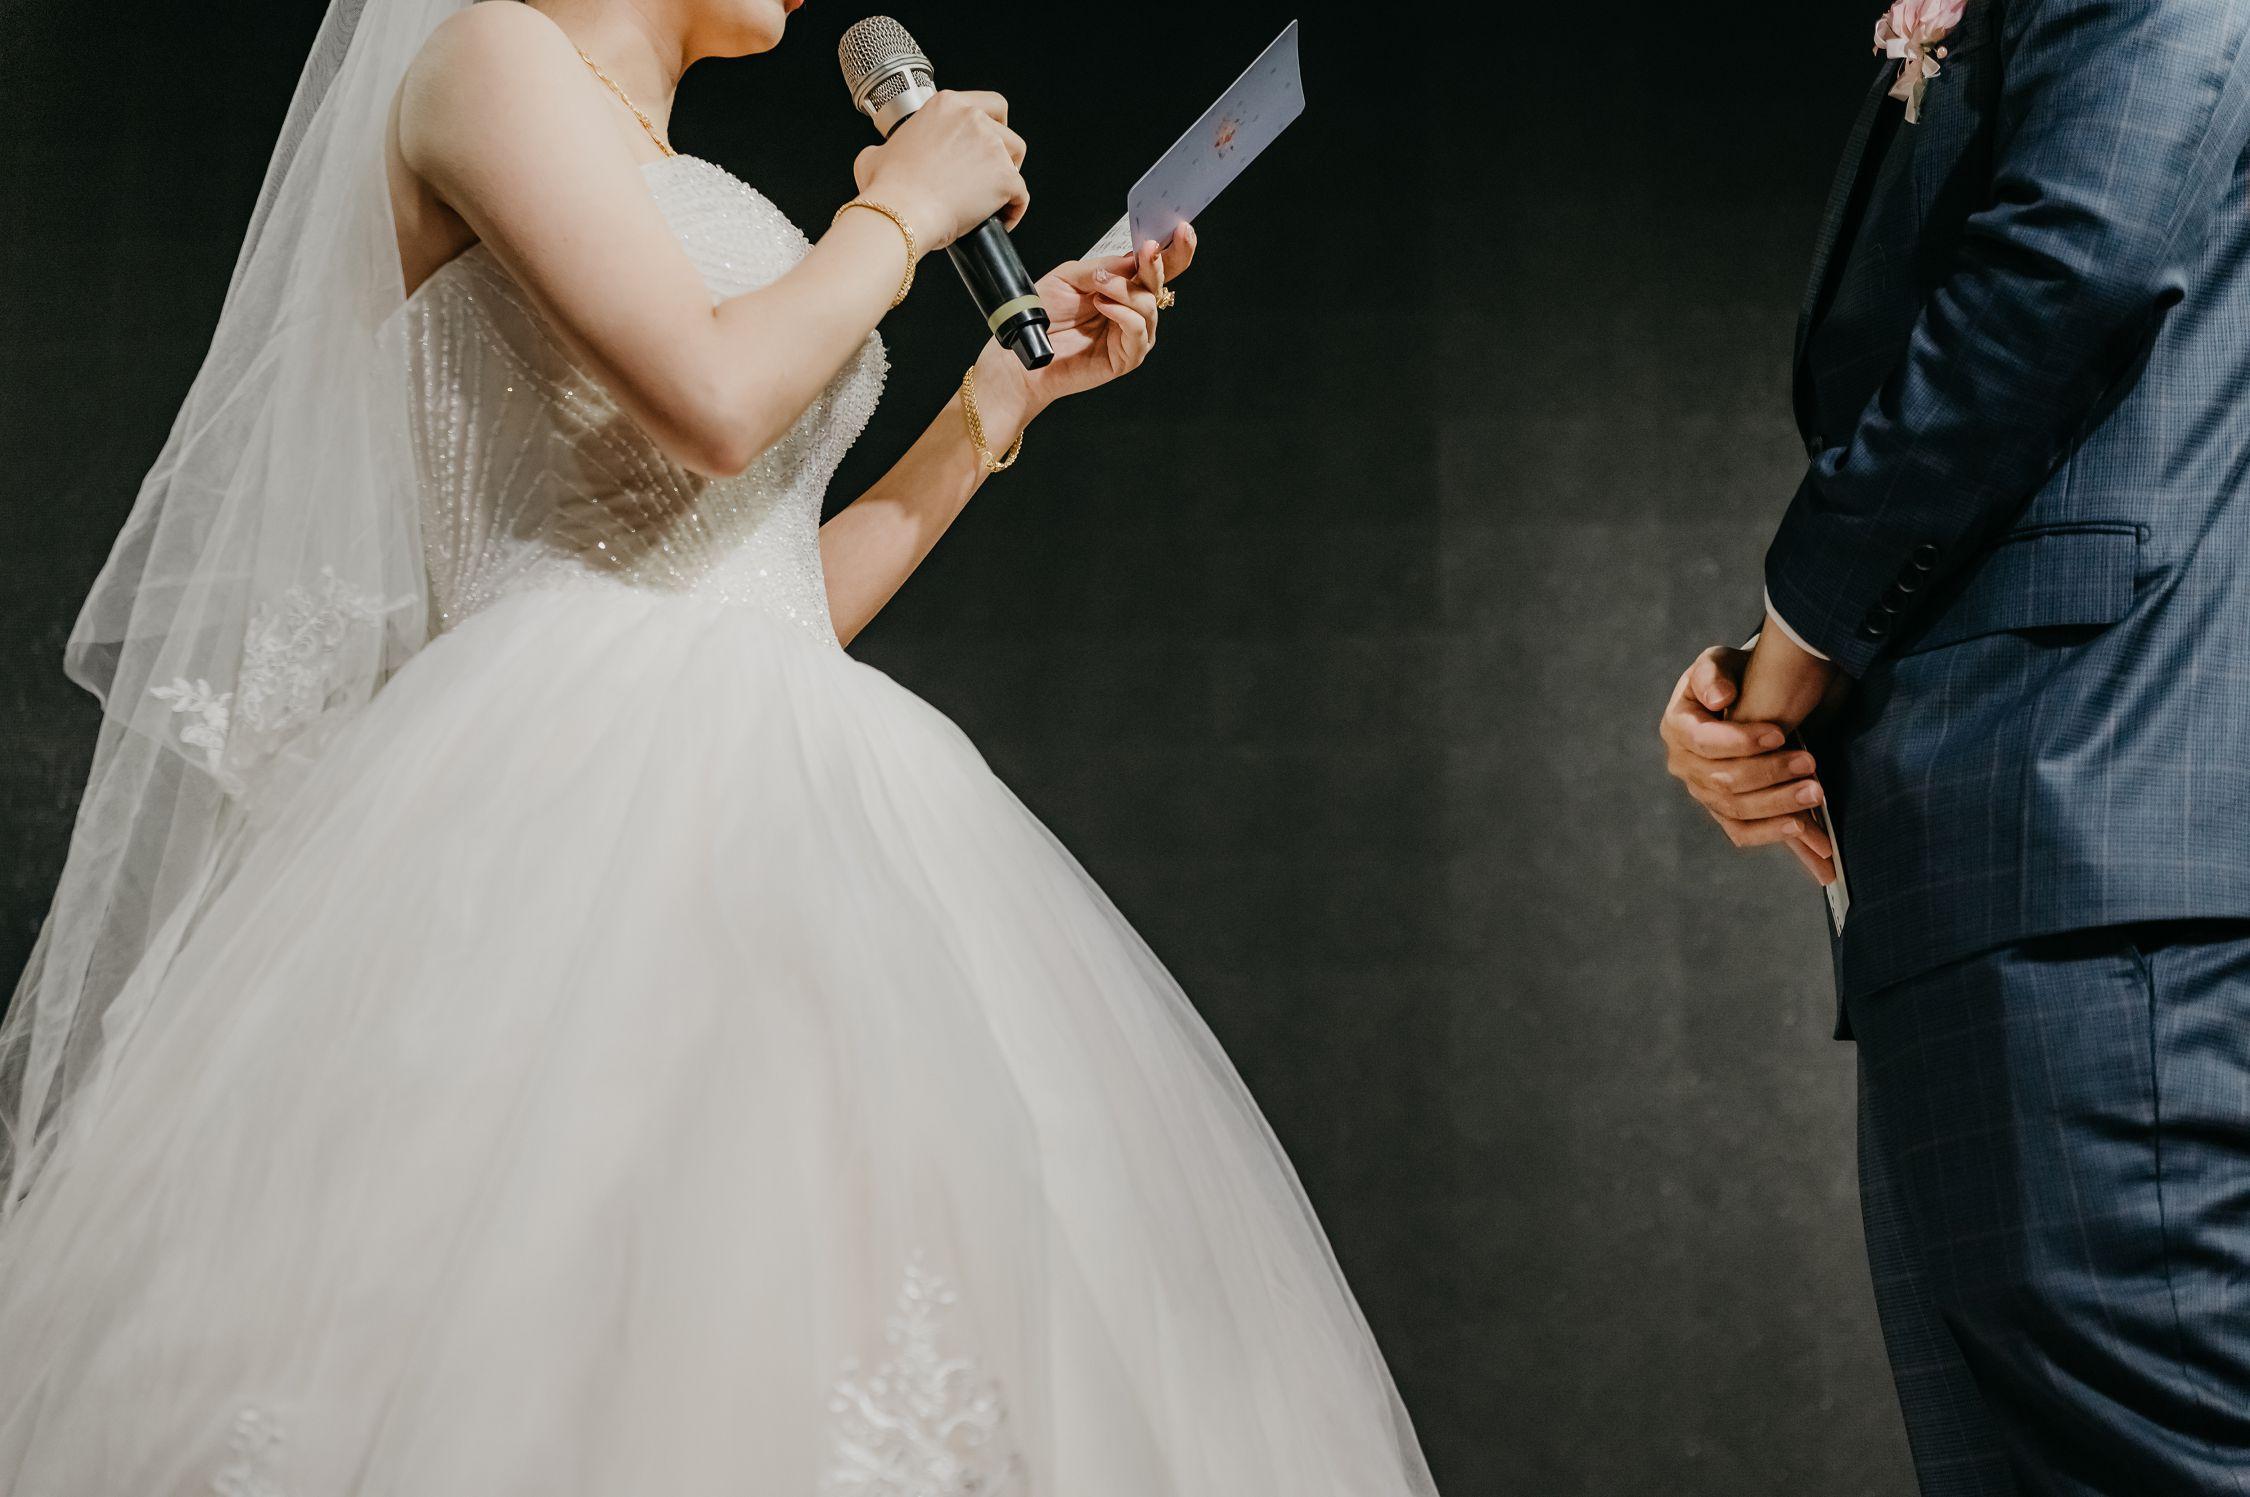 桃園婚攝,婚攝,婚禮攝影師,雙機,女方開拍,男方開拍,類婚紗,奉茶,闖關,儀式,阿沐,Amour,拜別,新娘物語推薦,ptt推薦,中式婚禮,美式拍攝,婚禮錄影,新秘,造型師,婚錄,交換戒指,誓詞,